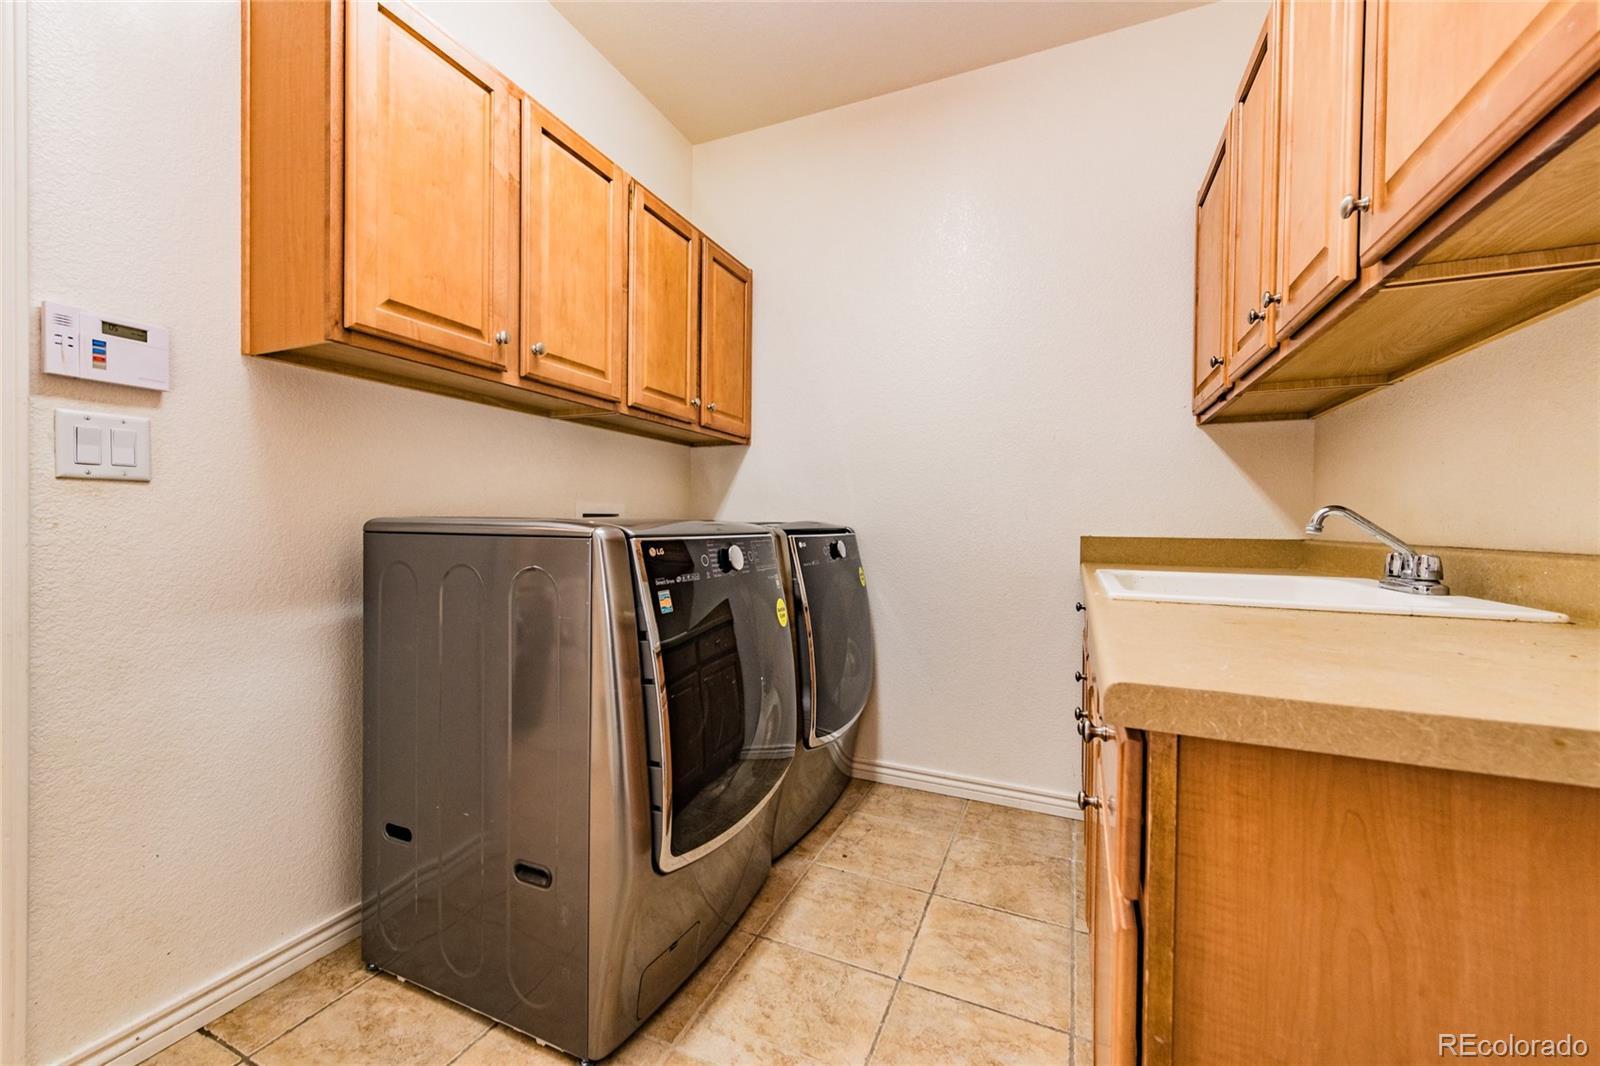 MLS# 1504228 - 14 - 1117 Titanite Place, Castle Rock, CO 80108